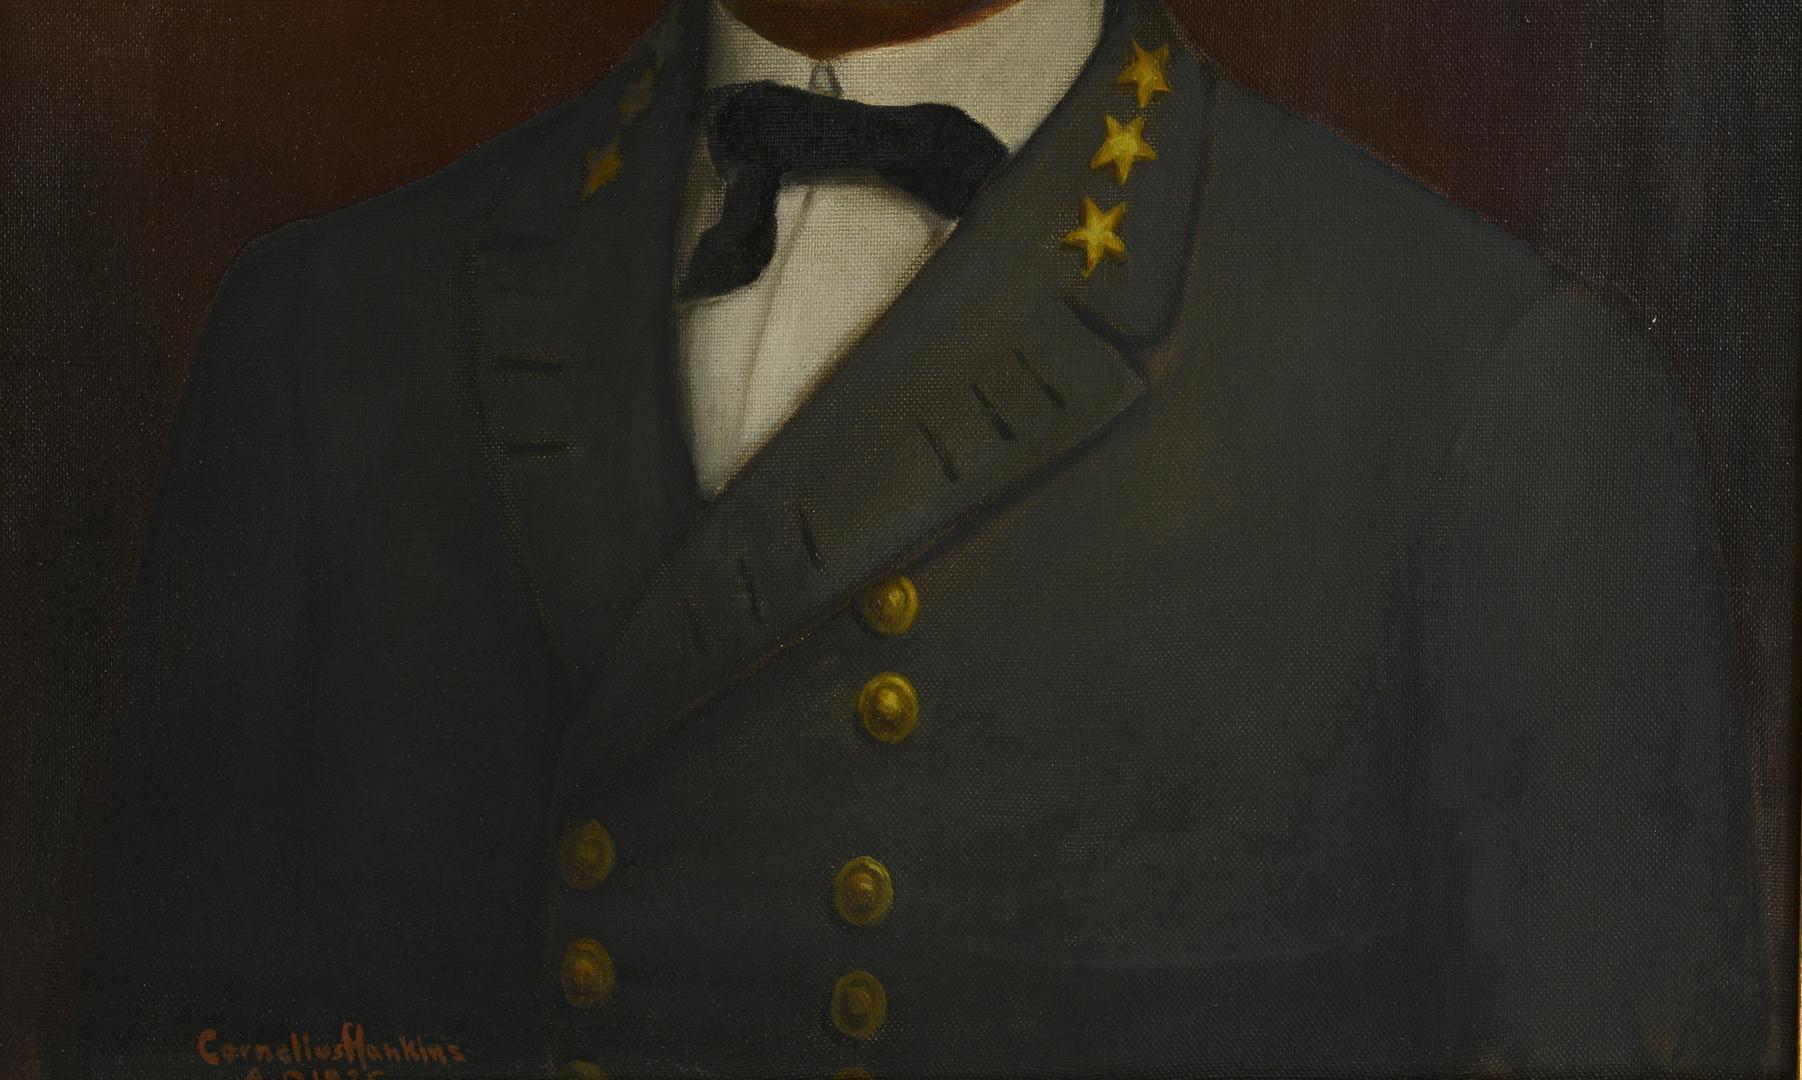 Lot 96: Cornelius Hankins, Gen. Lee Portrait